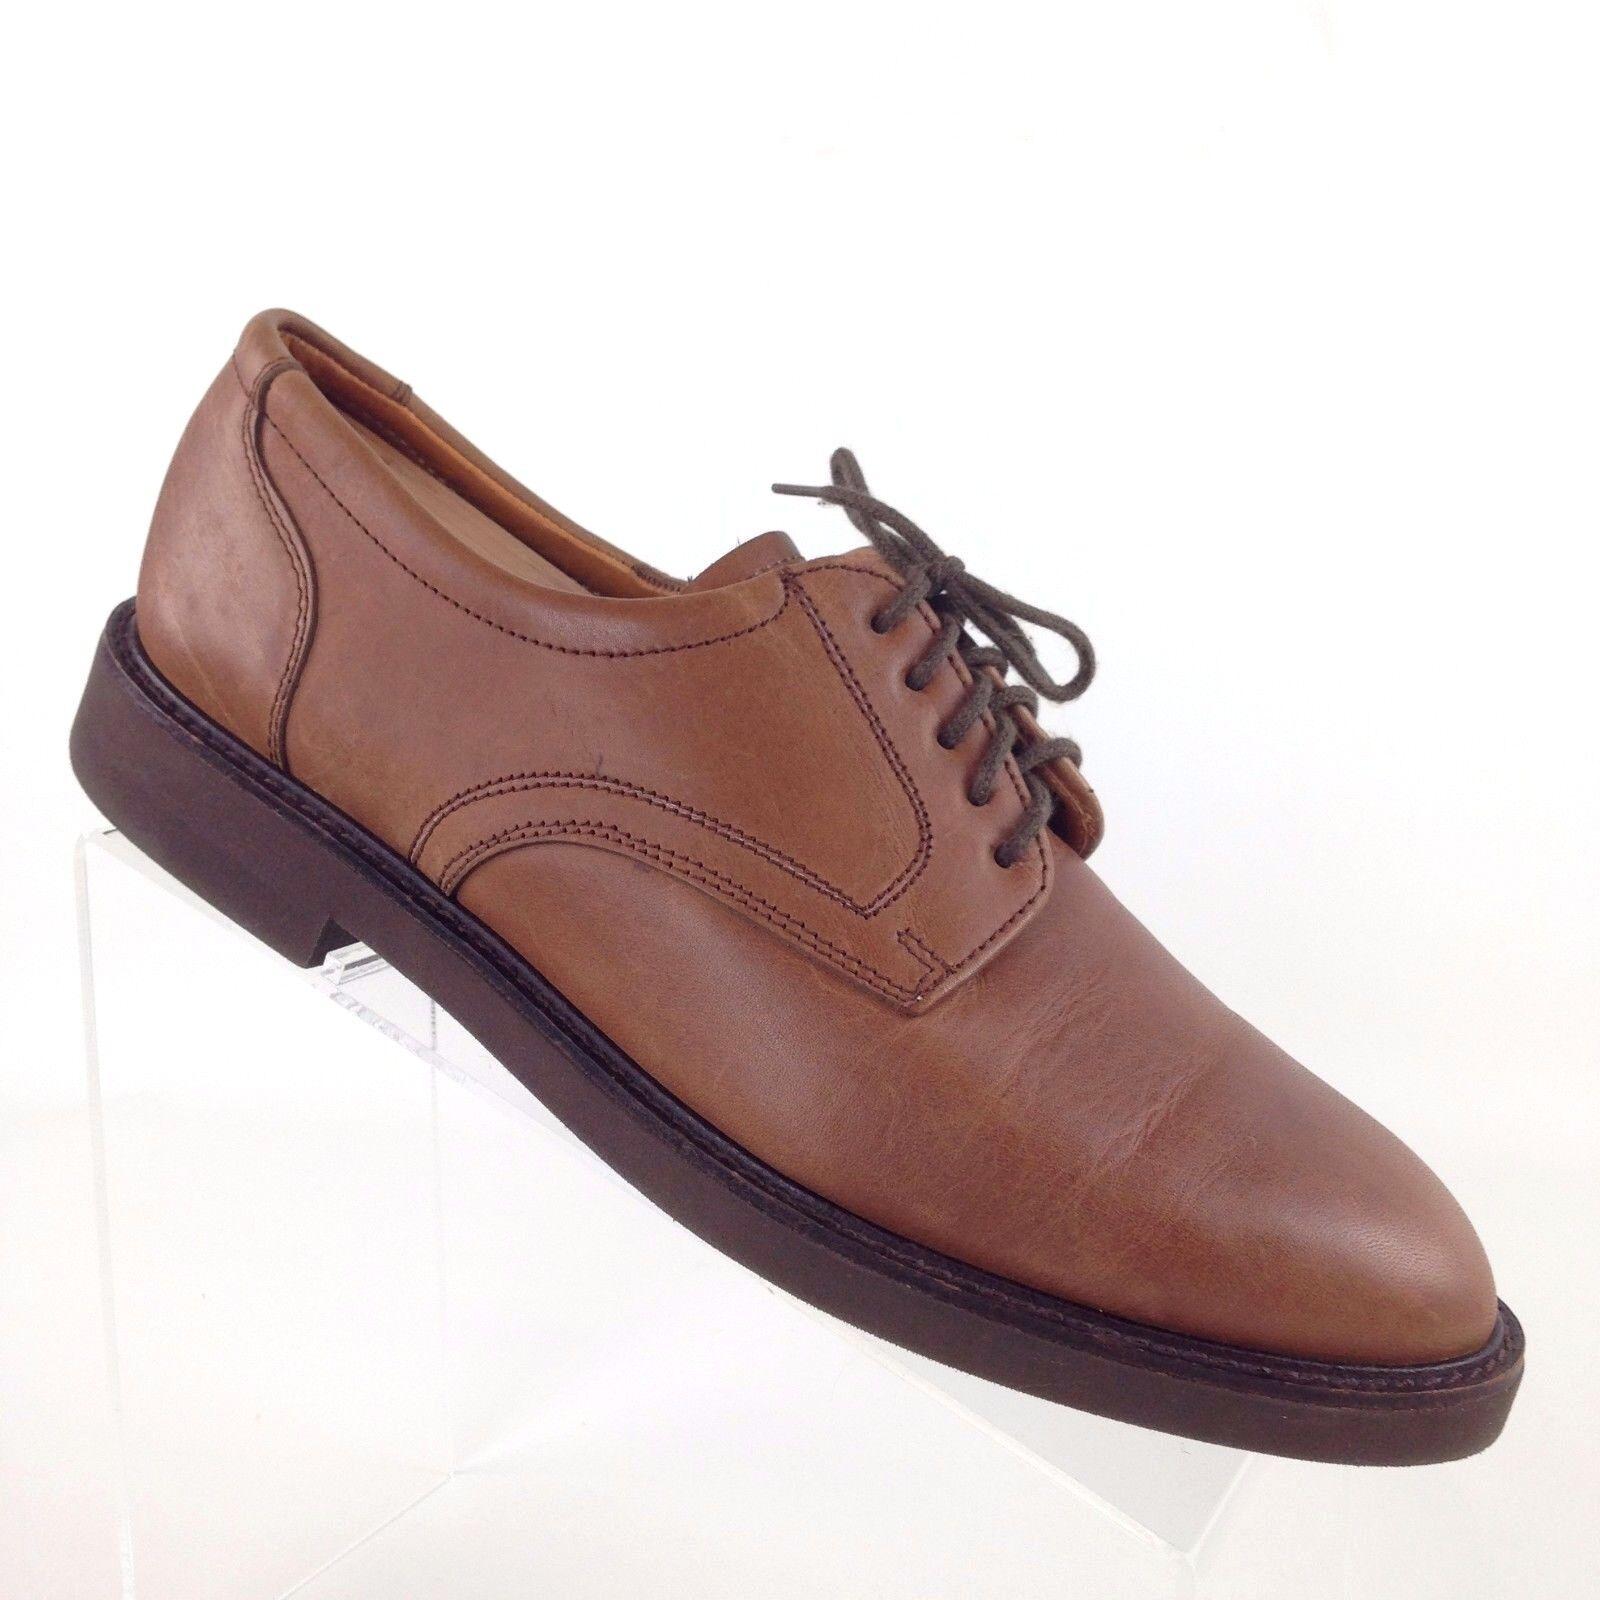 il più recente Brooks Brothers Brooks English Comfort Marrone Marrone Marrone Oxford Dress scarpe England Uomo 9 B  supporto al dettaglio all'ingrosso